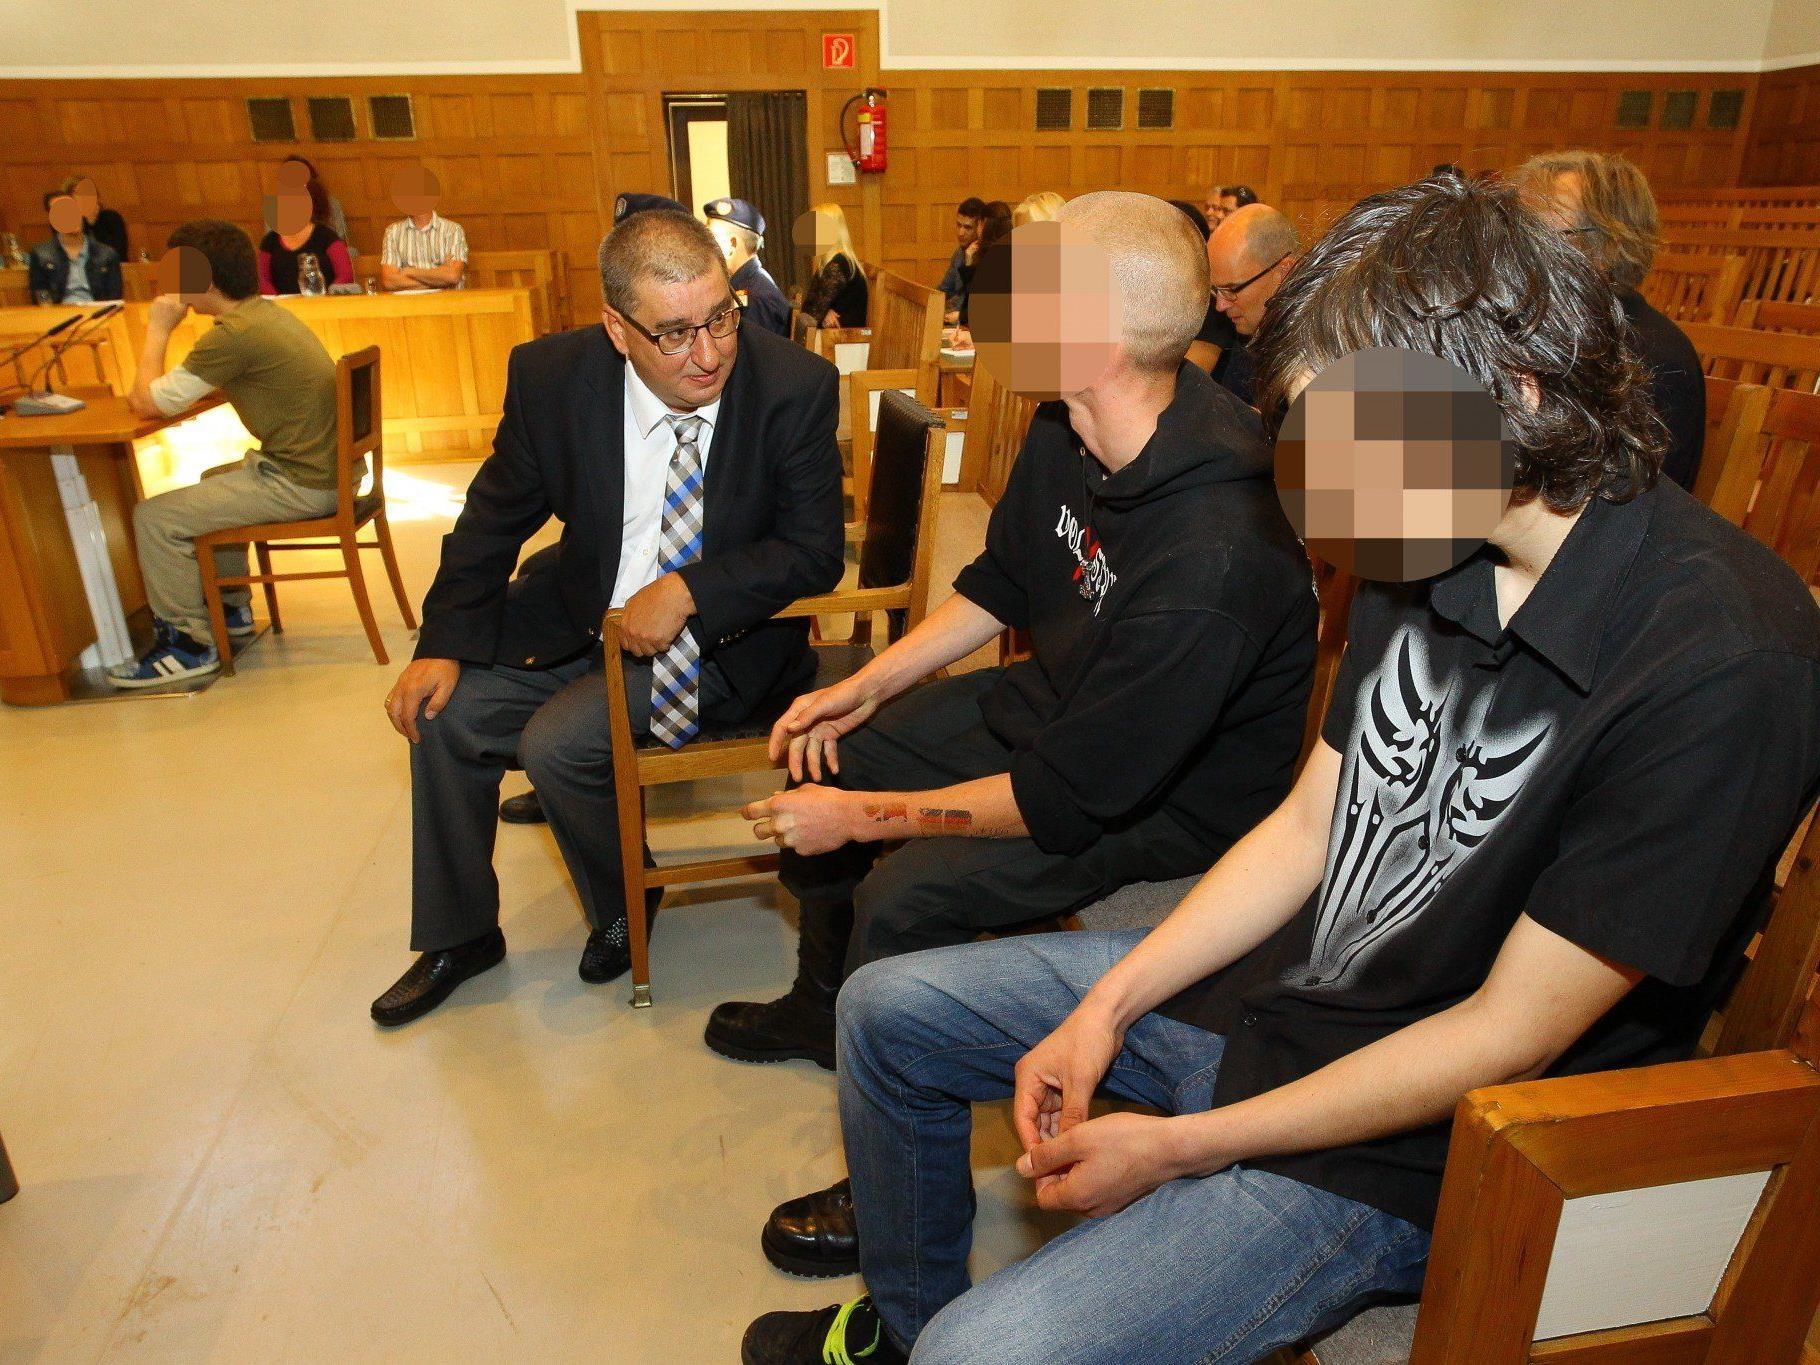 Das Verfahren wird zeigen, ob die vier sich strafbar gemacht haben und ob sie deshalb schuldig gesprochen werden können.